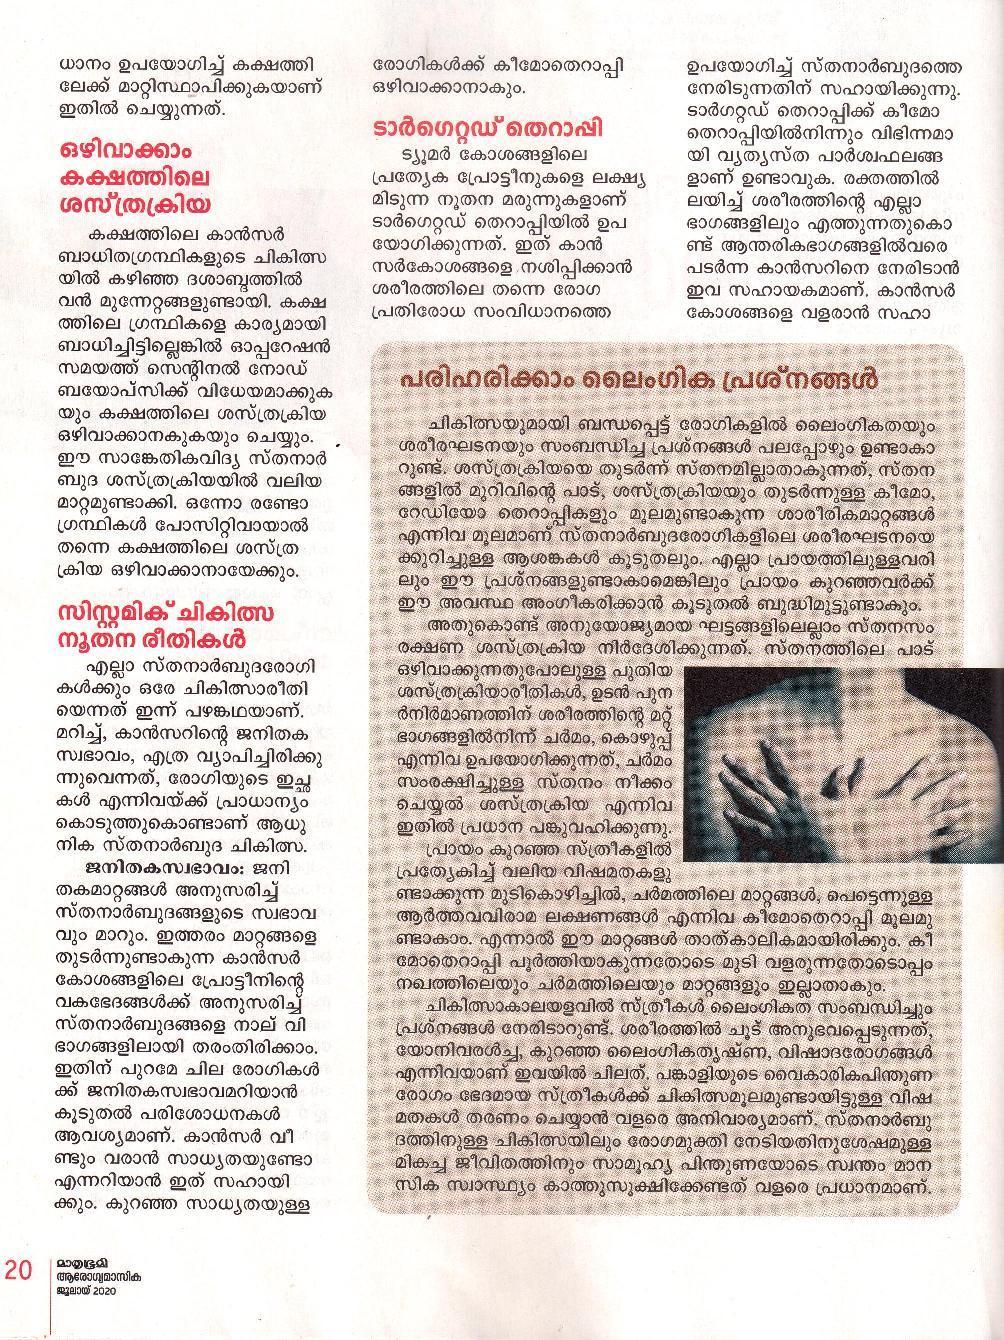 July 2020 Mathrubhumi Arogyamasika Pg 18 21 page 003